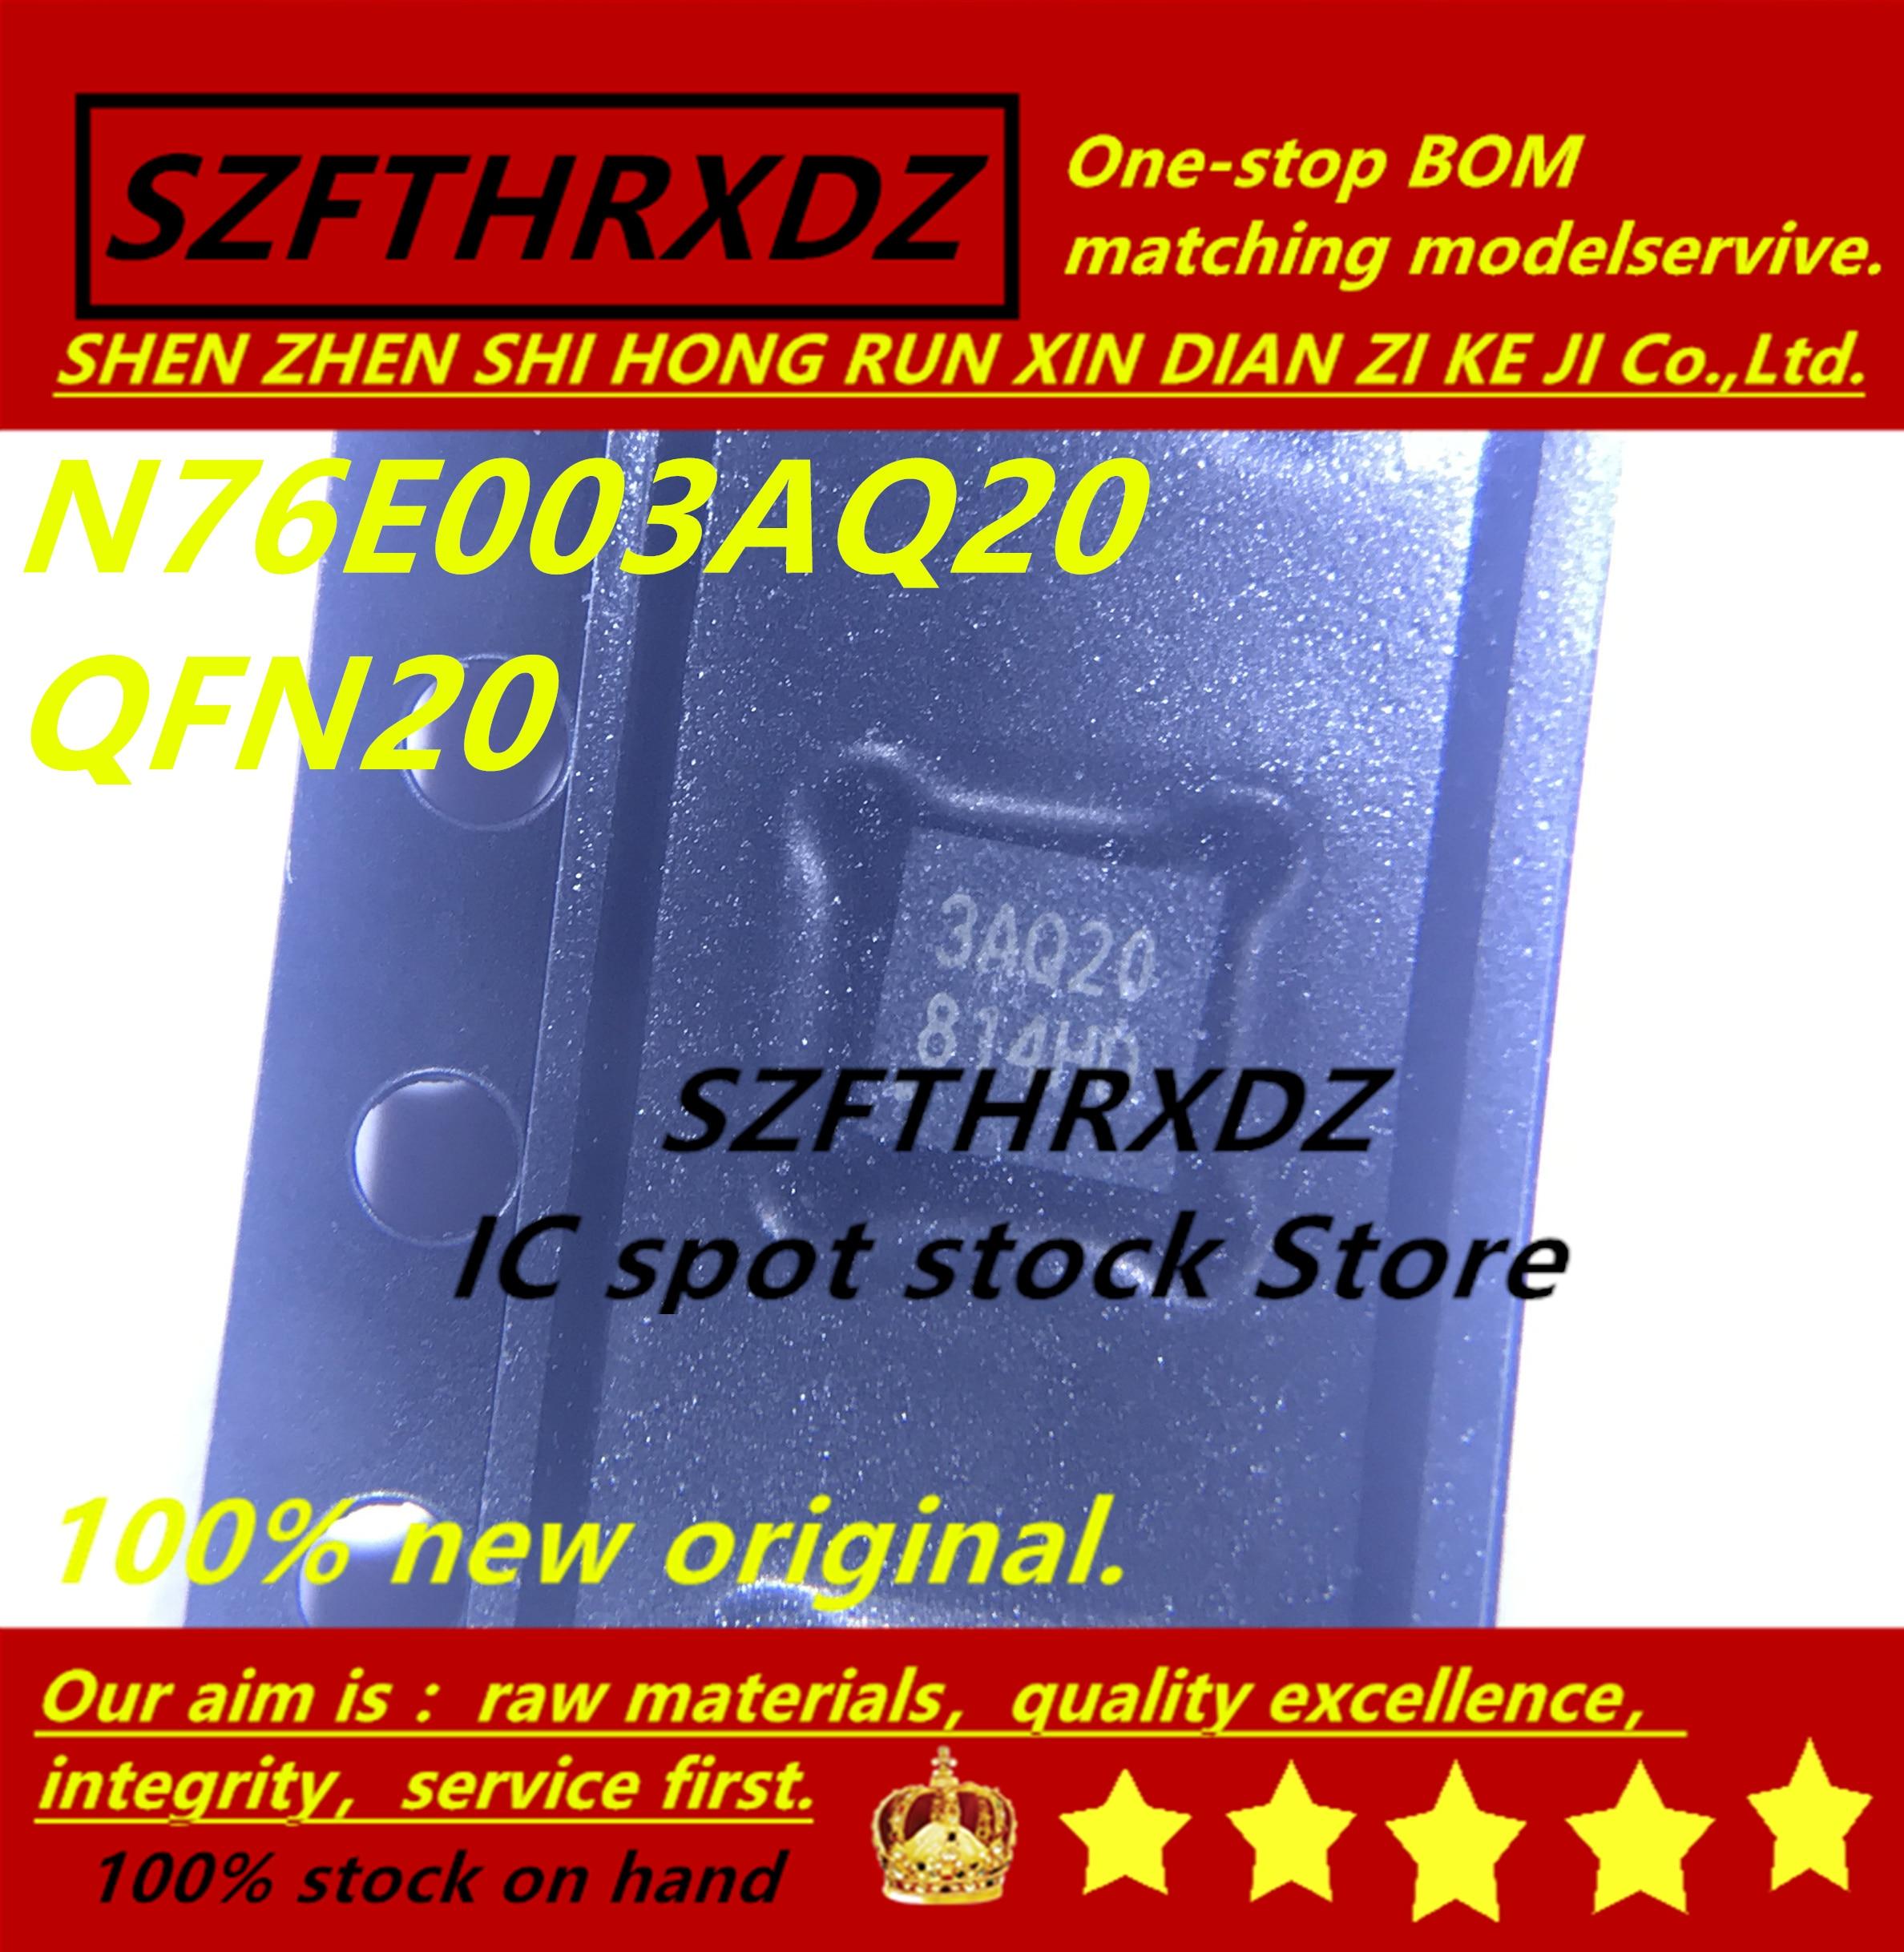 SZFTHRXDZ 100% Новый оригинал (10 шт 50 шт) N76E003AQ20 3AQ20 QFN20|Индукторы| | АлиЭкспресс